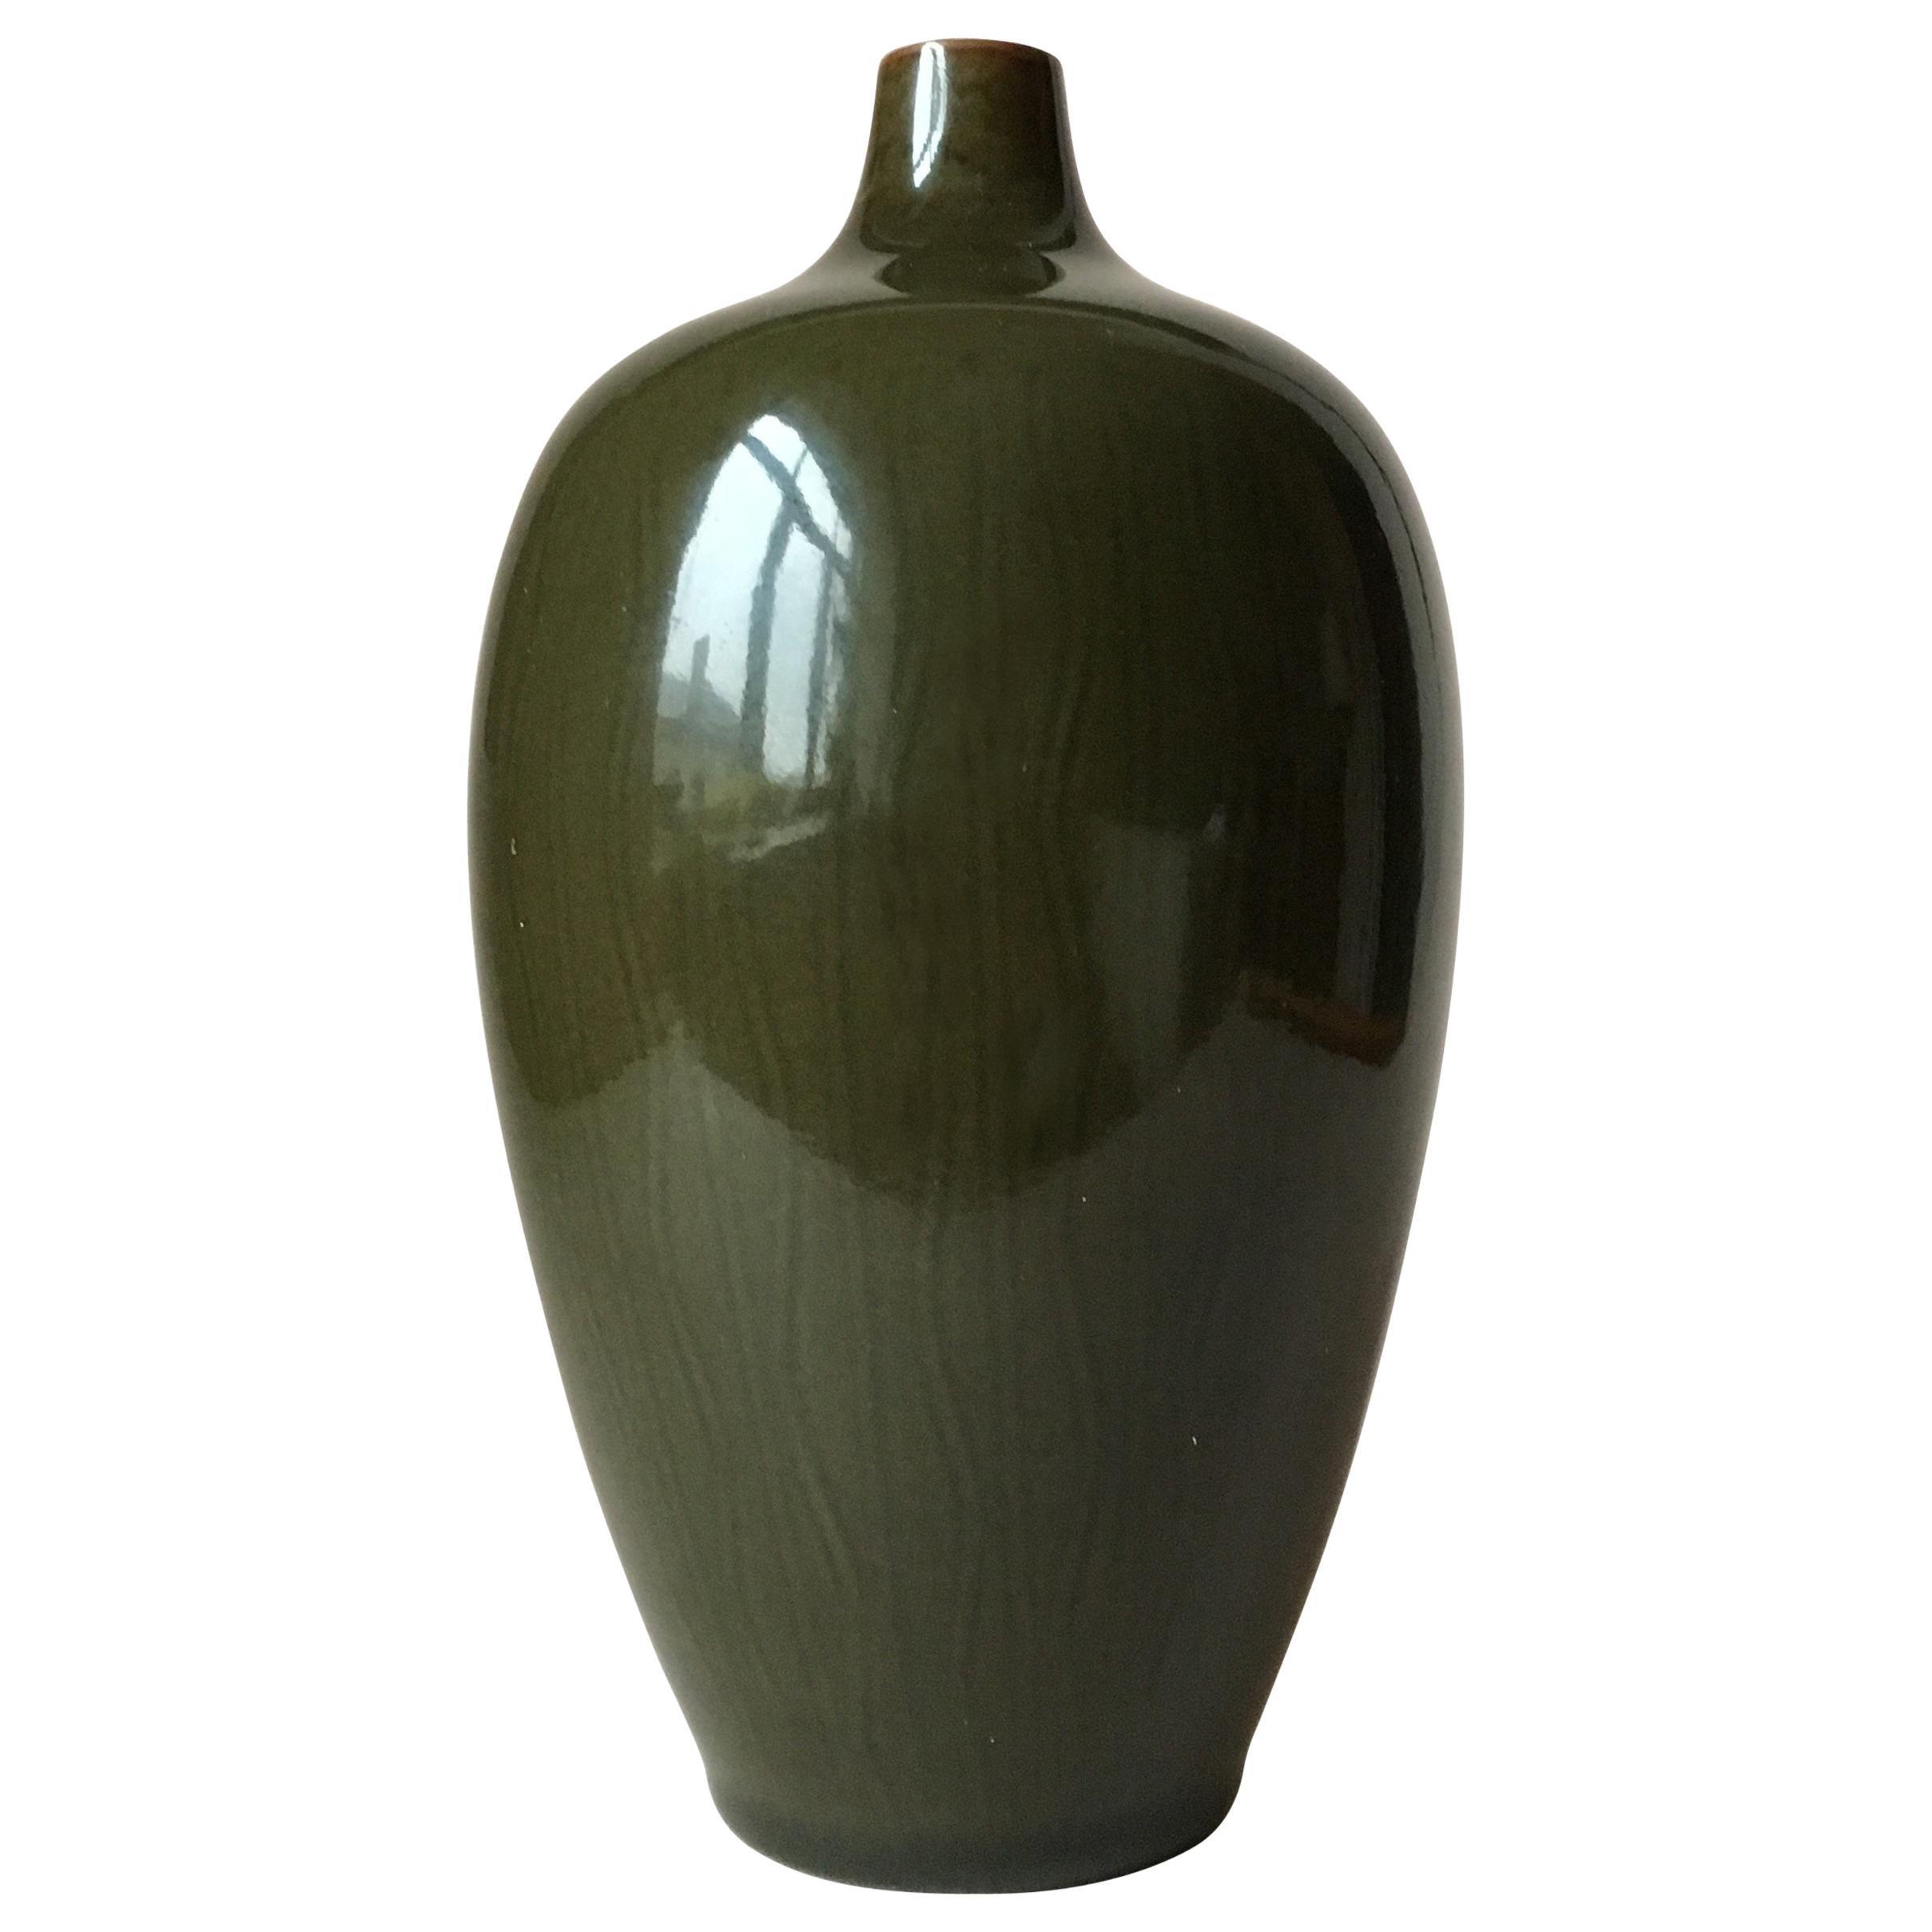 Art dating royal copenhagen porcelain vase